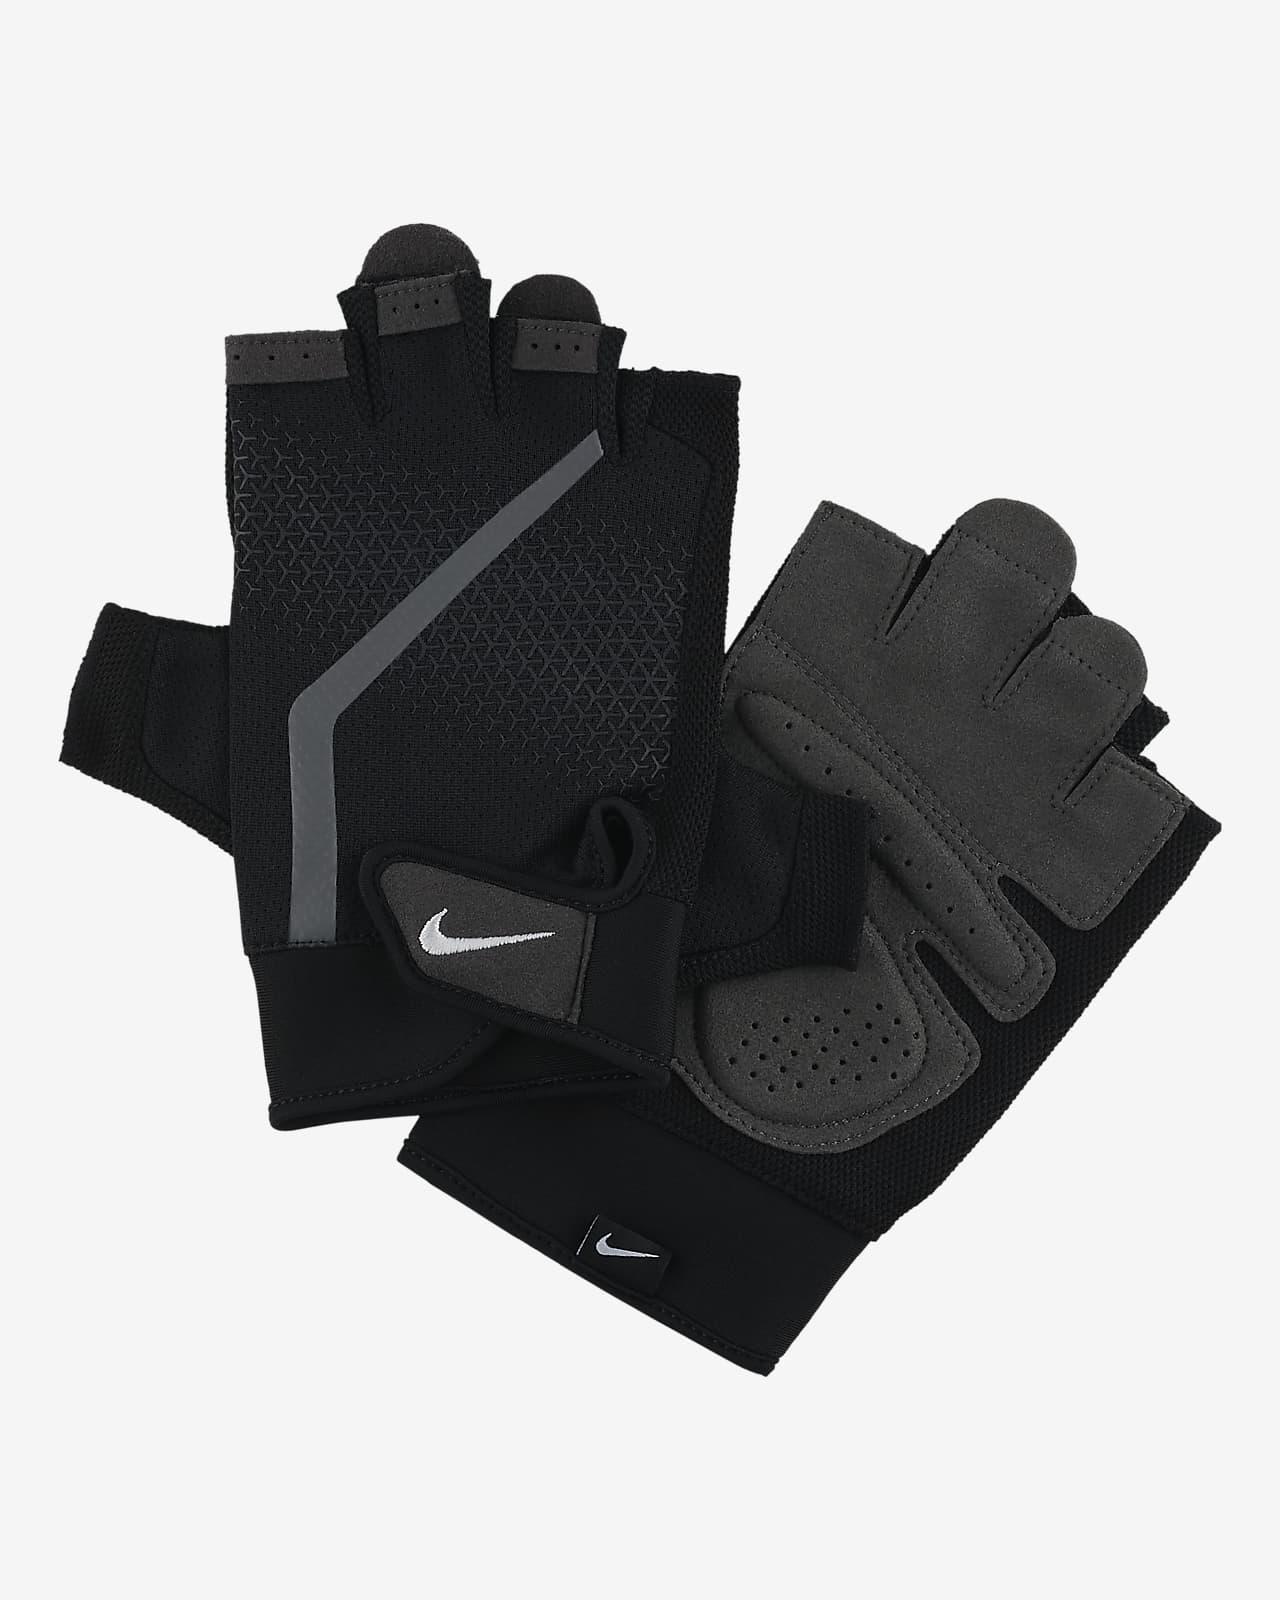 Ανδρικά γάντια προπόνησης Nike Extreme